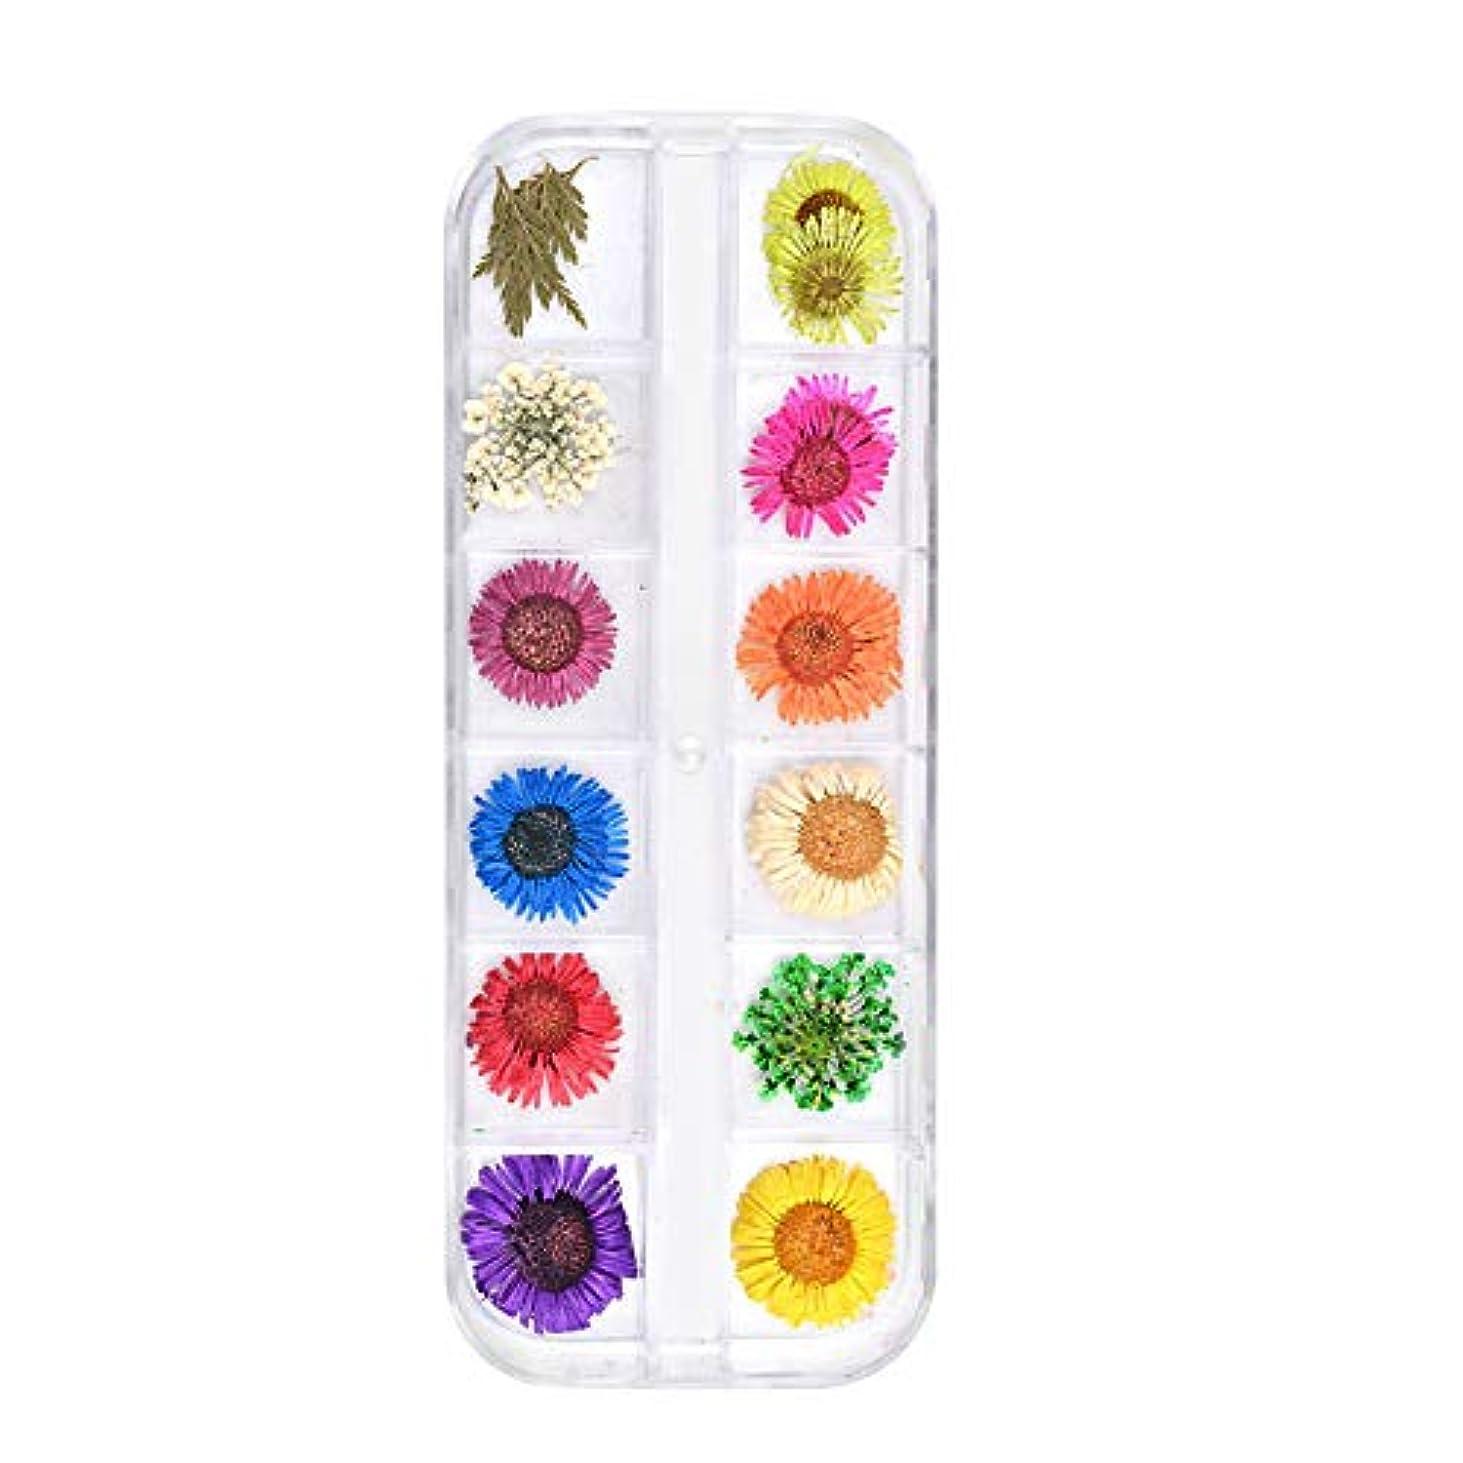 うっかり模索容赦ない乾燥した花のネイルステッカードライフラワーを乾燥12色の花のネイルデコレーション自然リアルな3Dネイルステッカーネイル用品デイジーBセクション